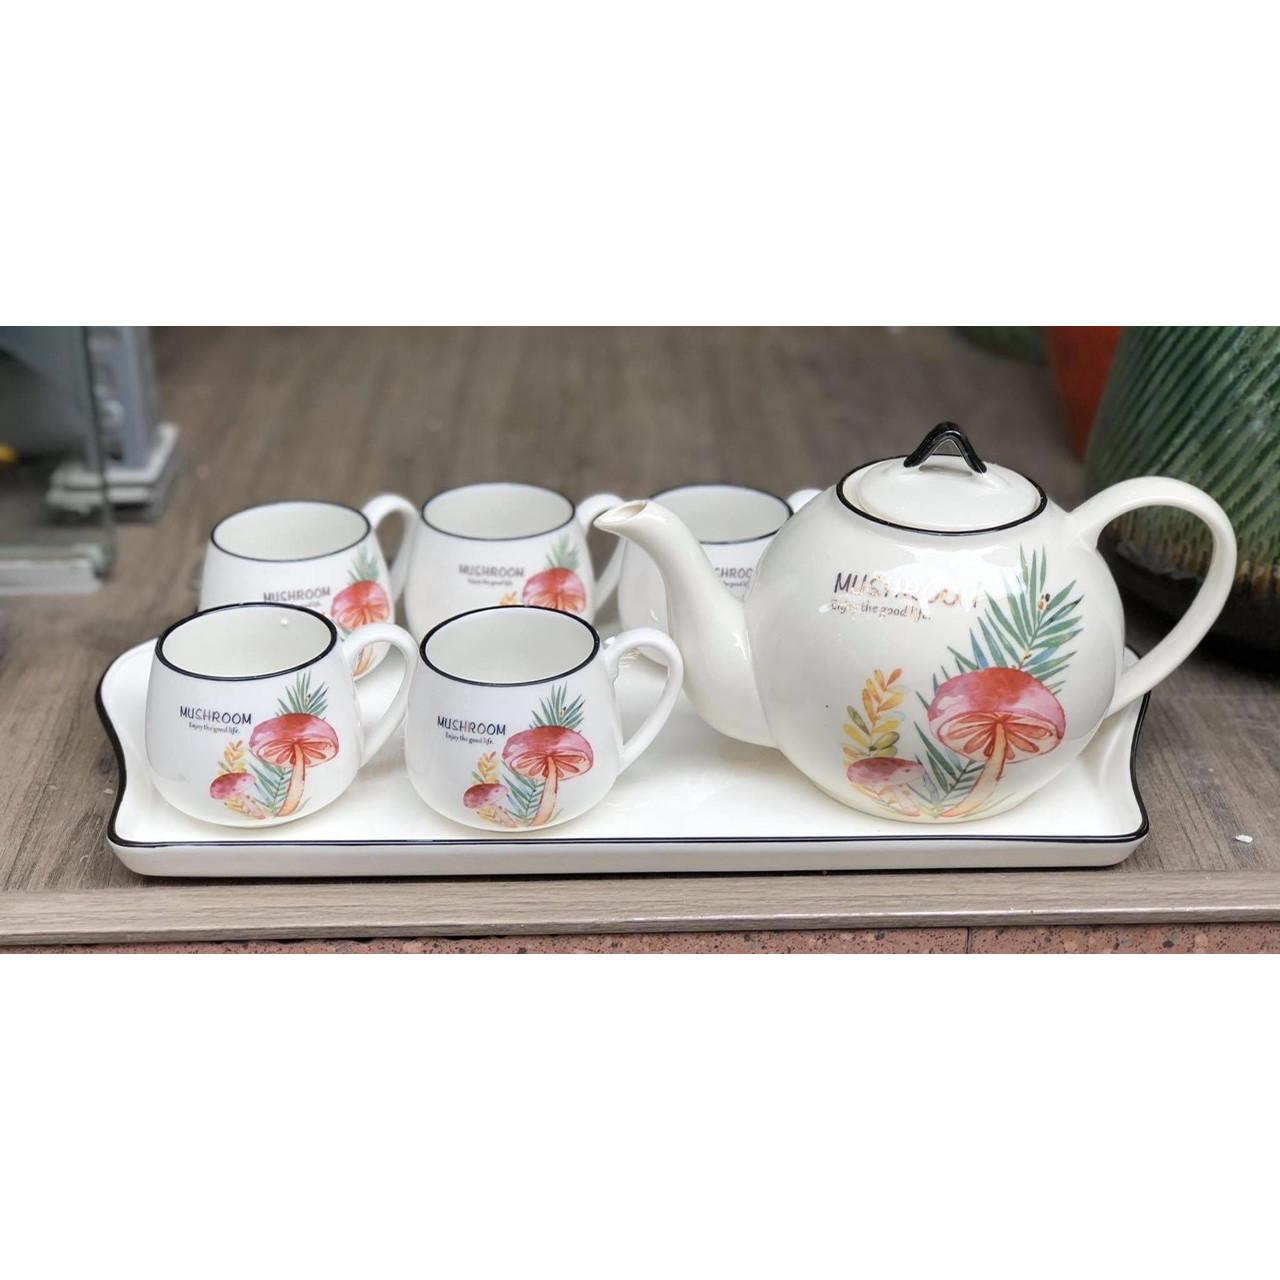 Bộ ấm chén tròn kèm khay sứ pha trà trắng họa tiết cây nấm lá kim - ANTH009